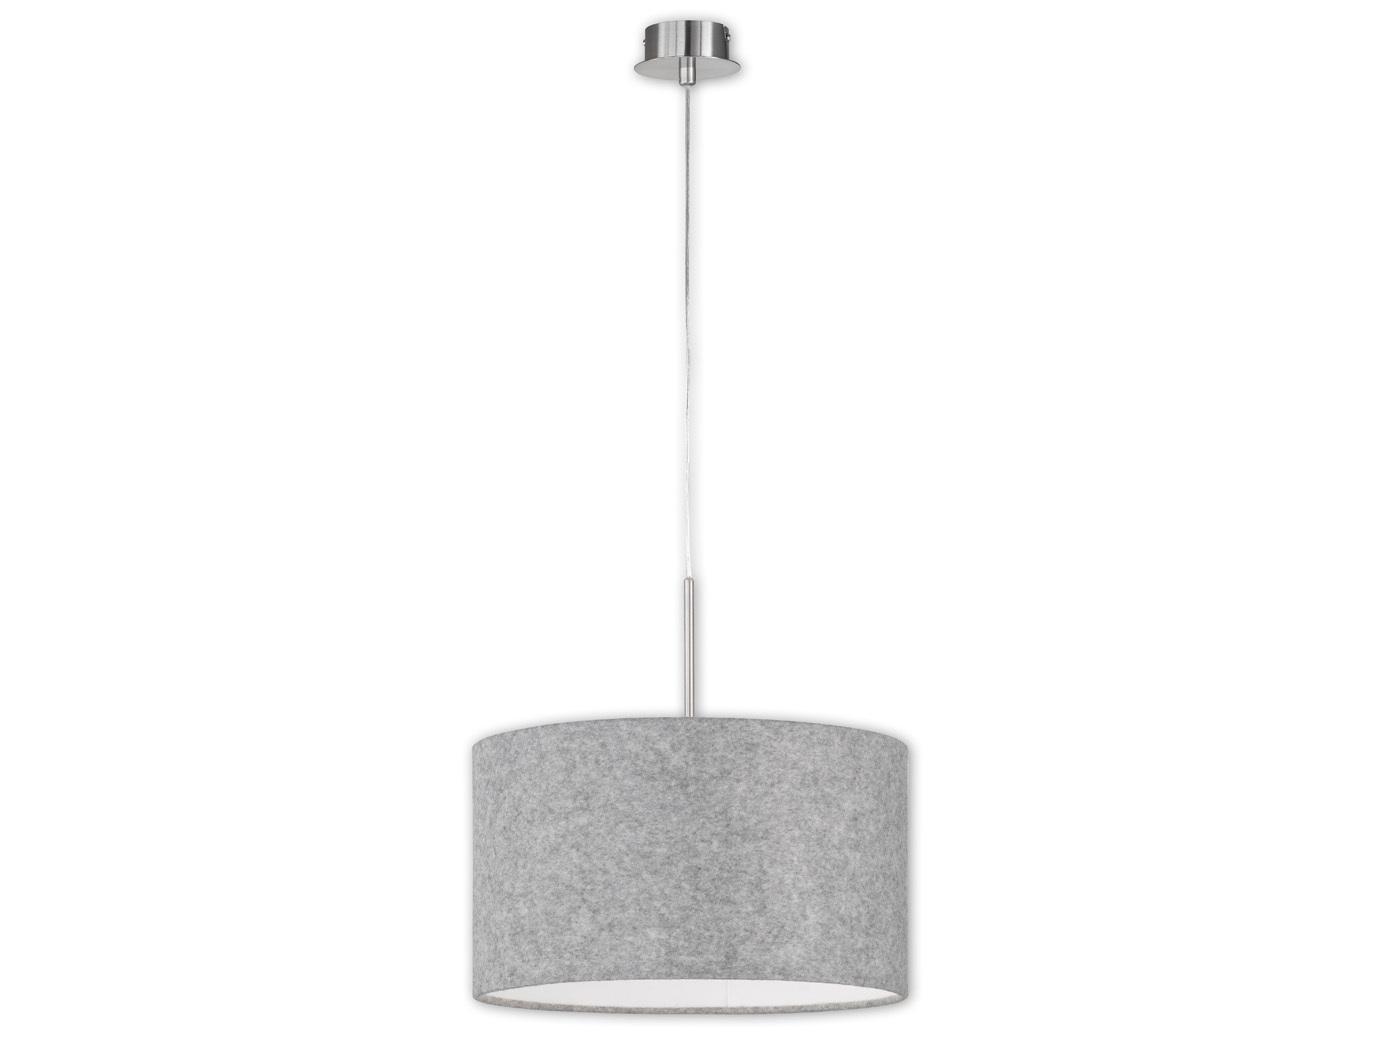 Moderne Pendelleuchte LED Schirm Filz grau Ø 40cm blendfrei Pendel ...